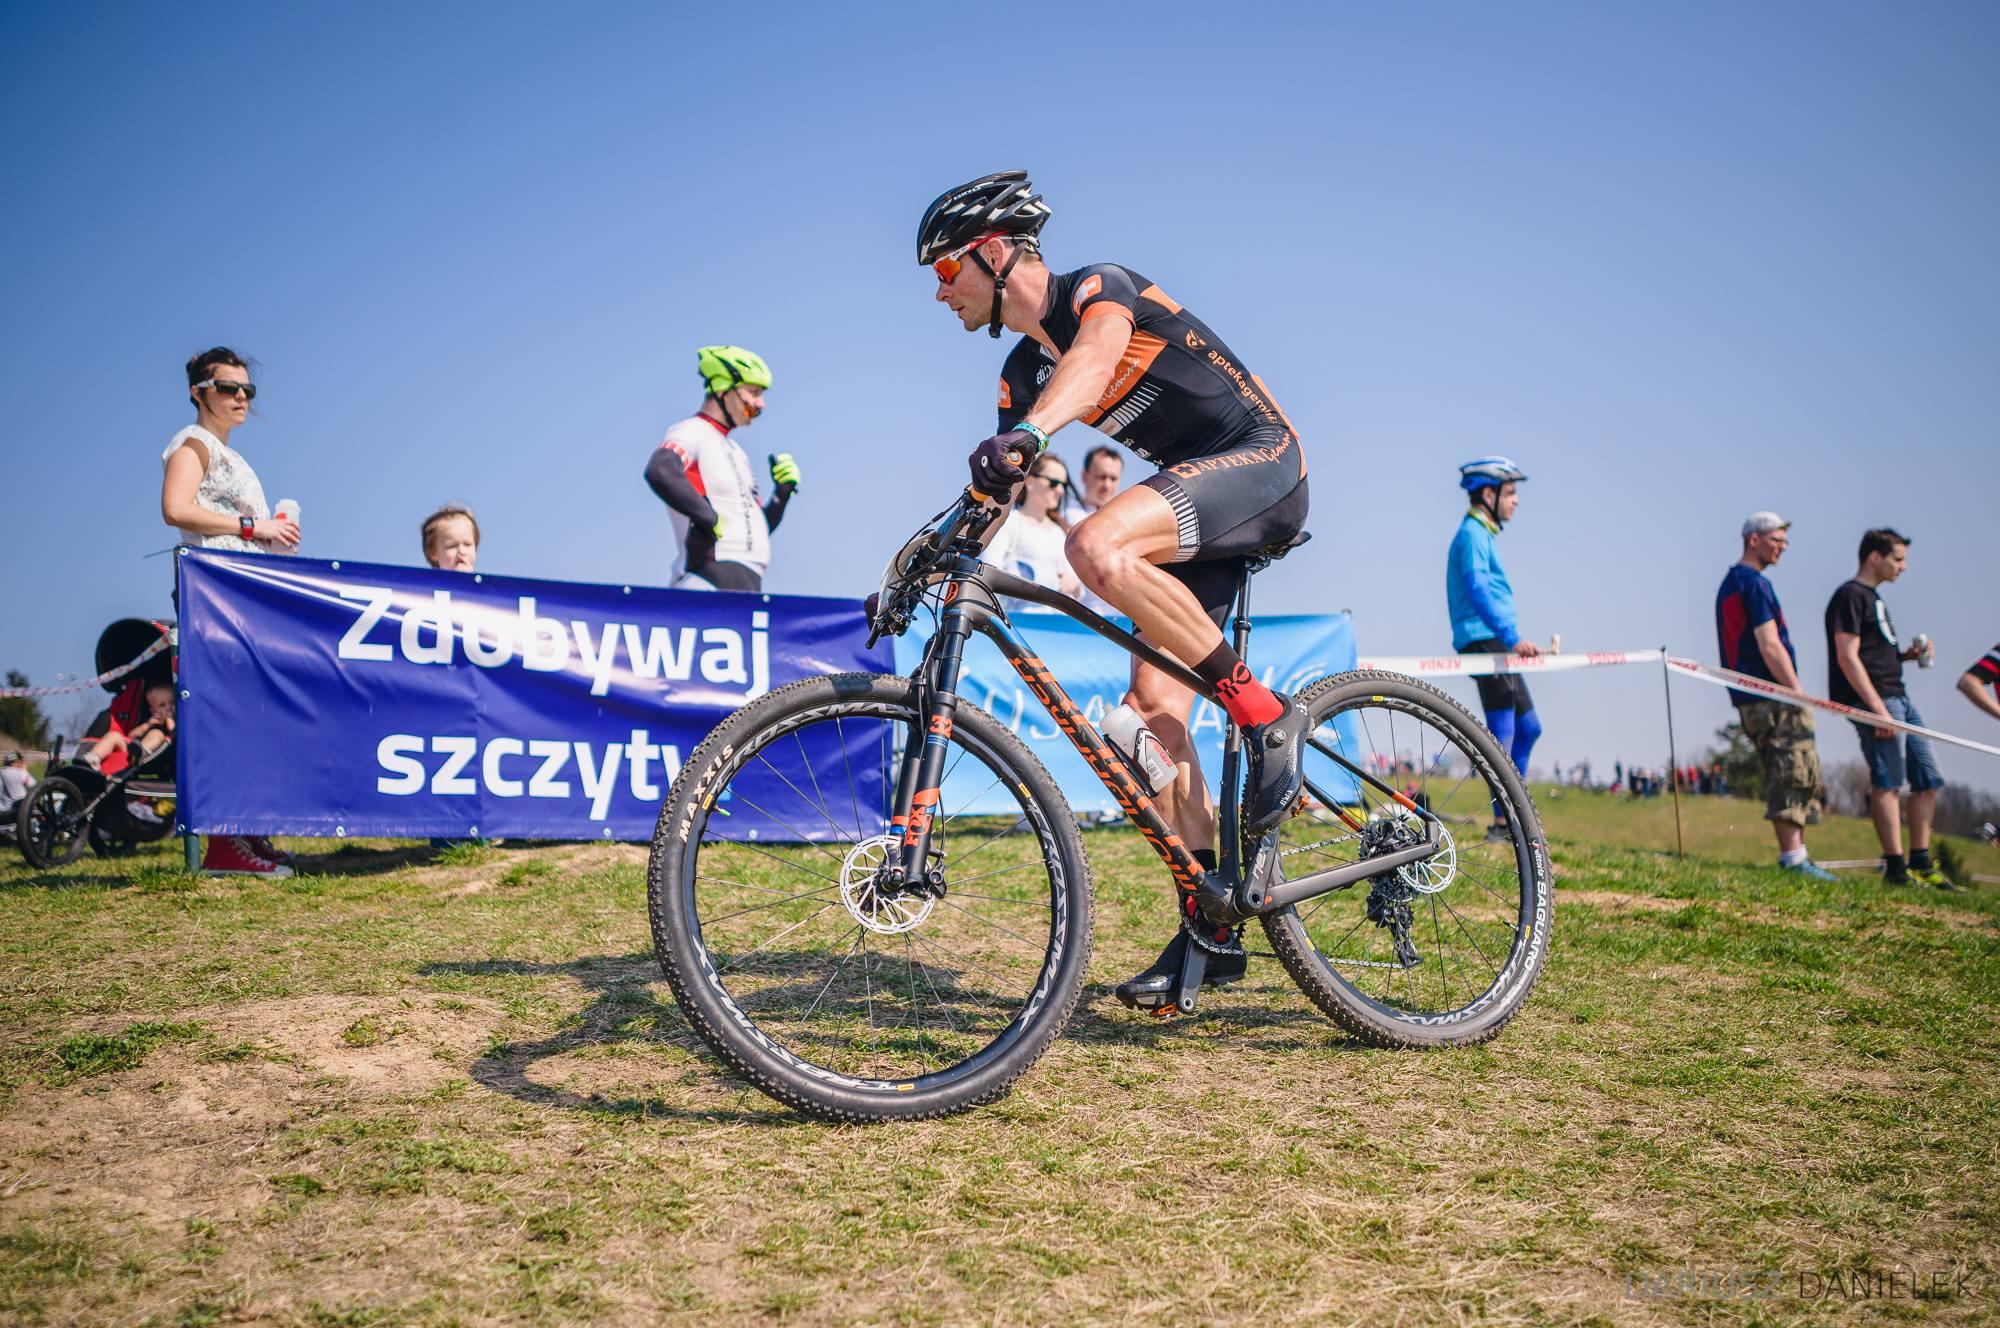 Michał Bogdziewicz (Apteka Gemini Team) – Kujawia XC, Bydgoszcz